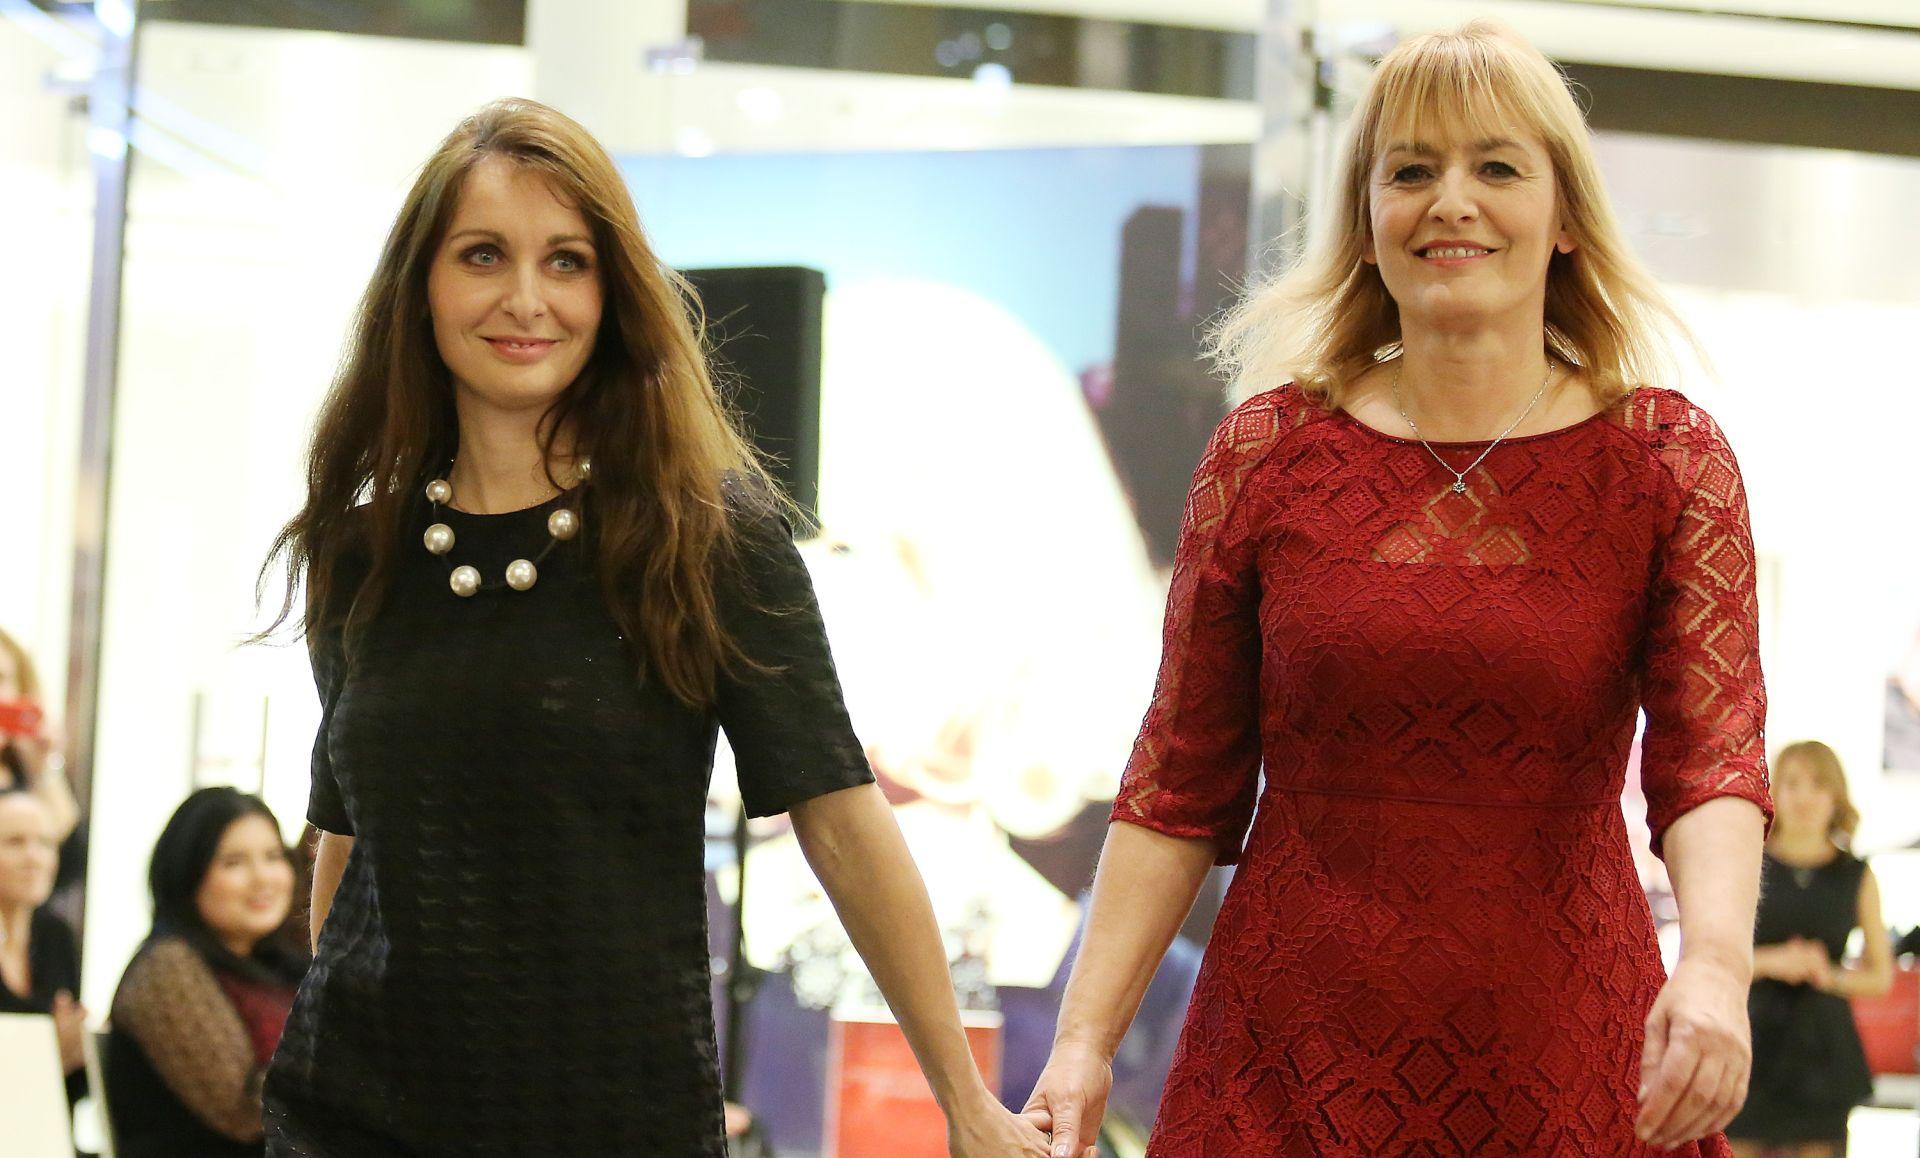 ZAGREBDOX Filmovi o složenom odnosu majki i kćeri